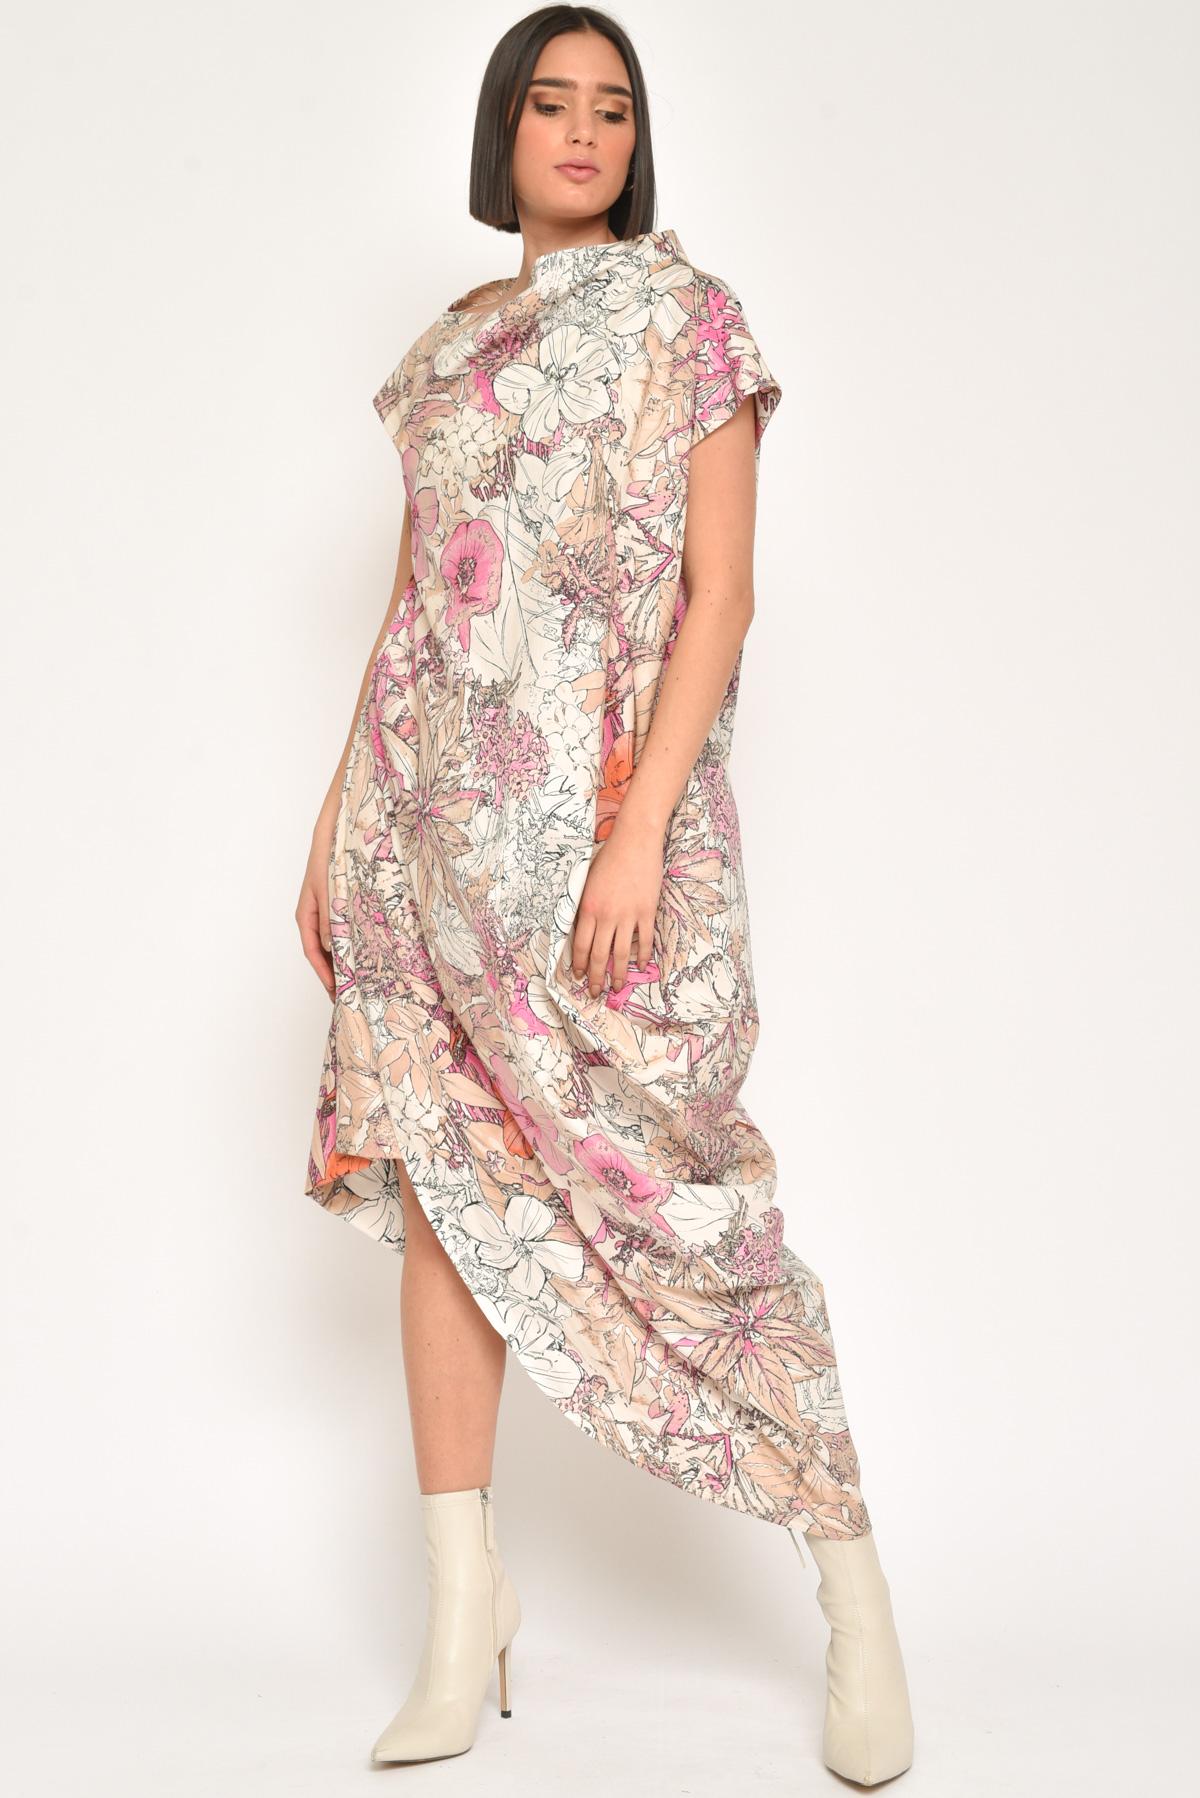 ABITO LUNGO CON DRAPPEGGIO 100% COTONE da donna - FUXIA - Paquito Pronto Moda Shop Online